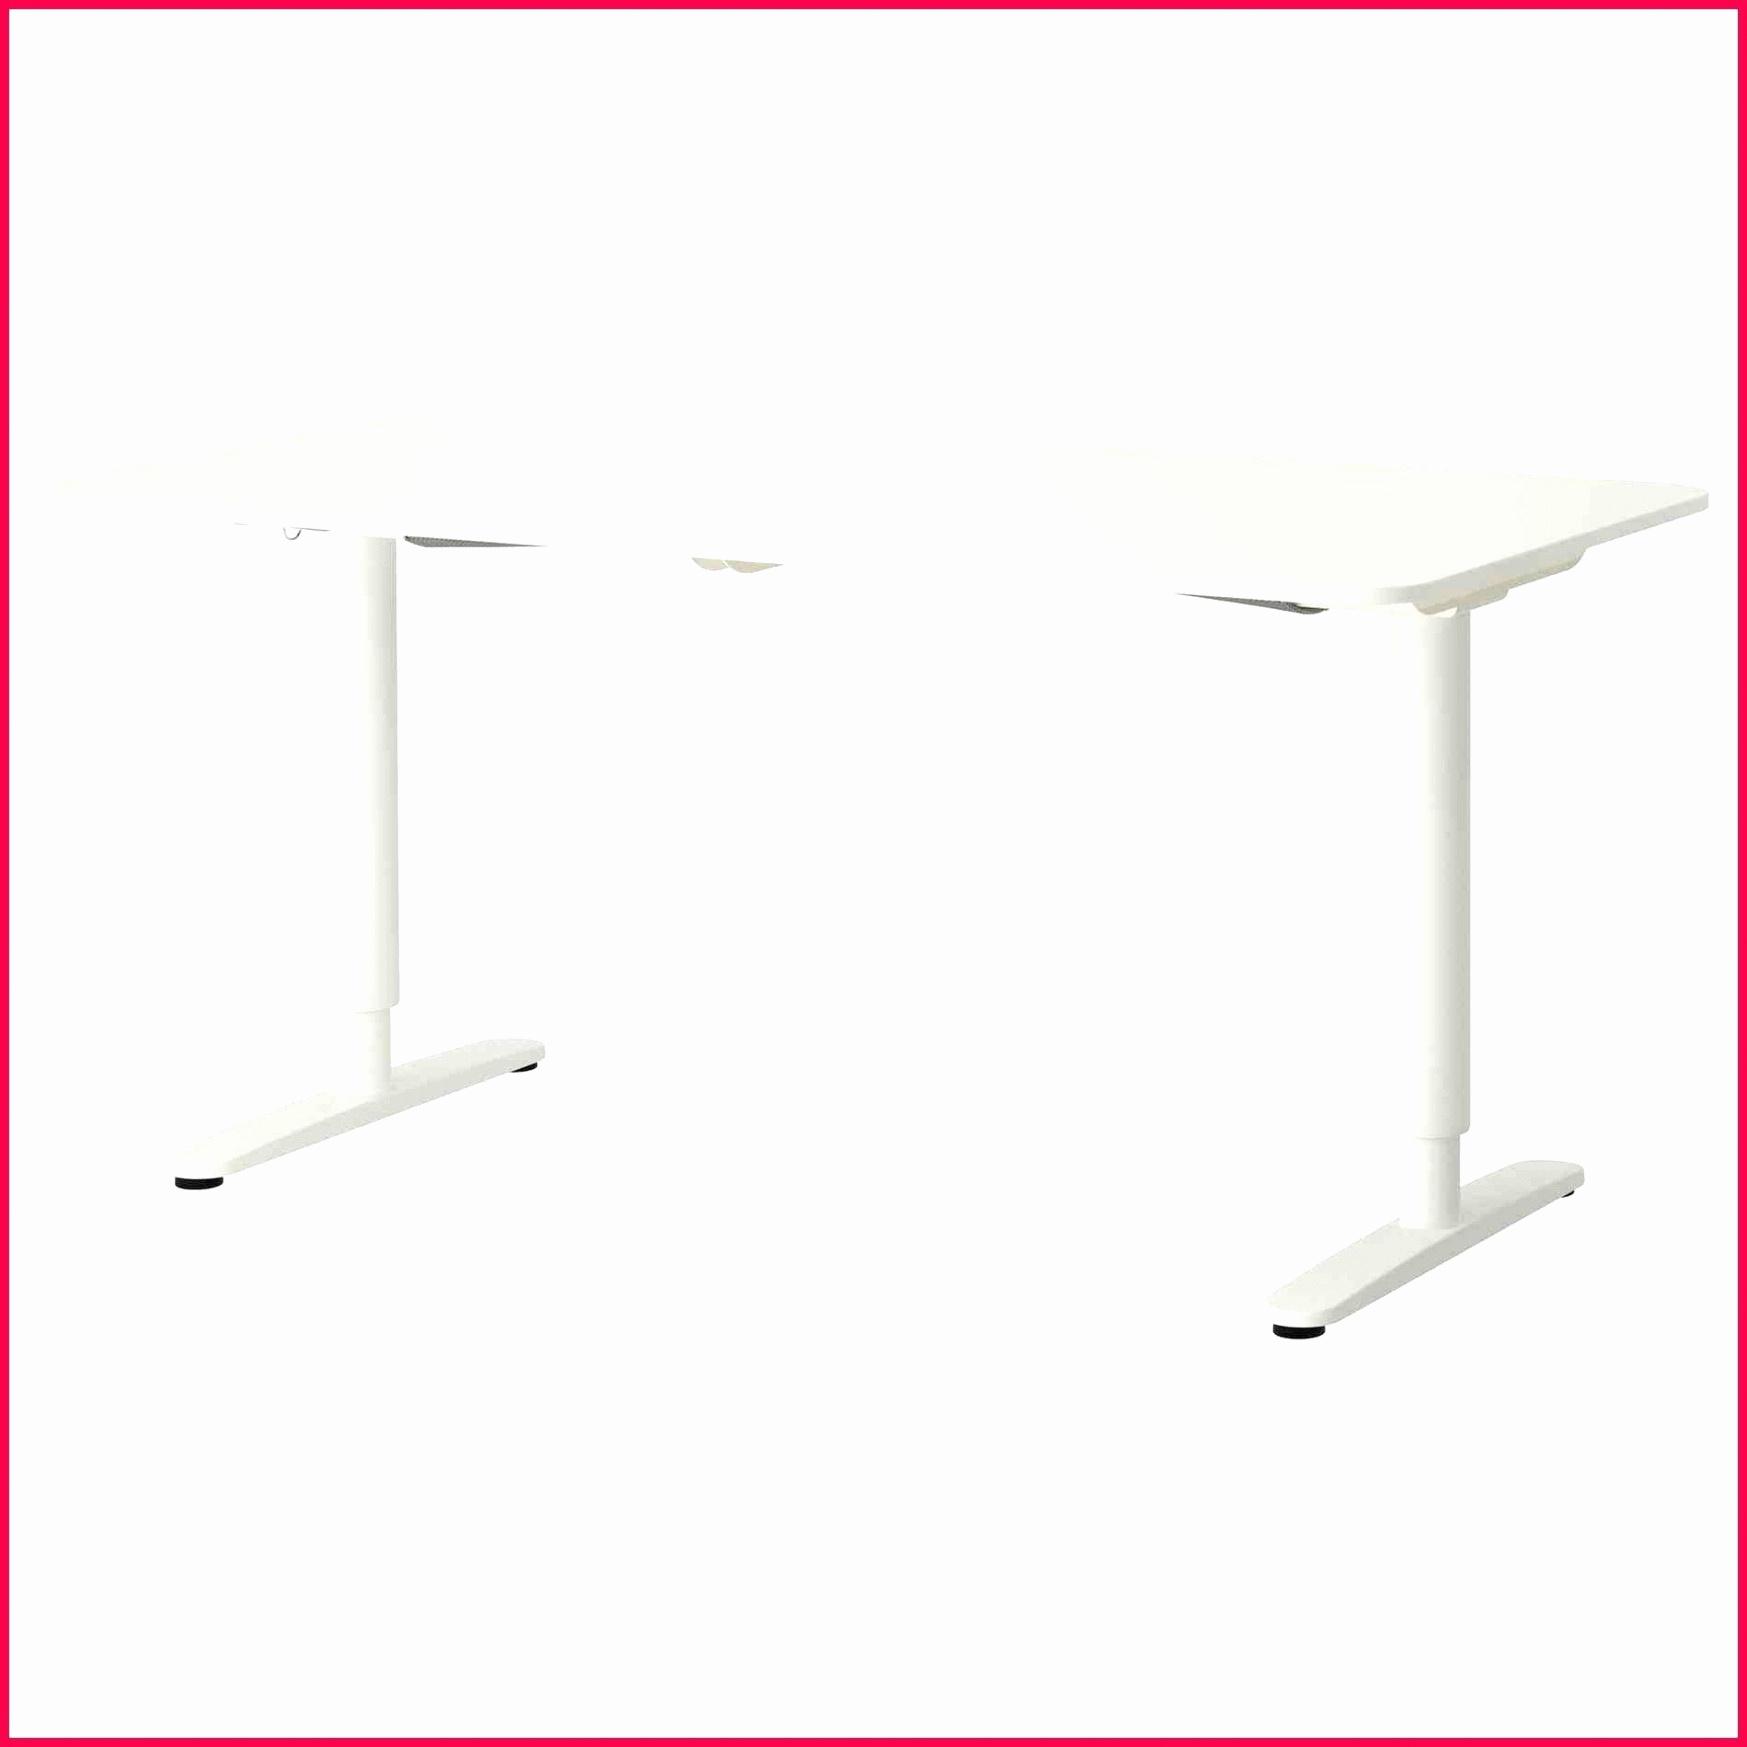 achat bureau meuble meilleur de meuble bureau avec retour achat bureau pas cher sur aushopping maison of achat bureau meuble